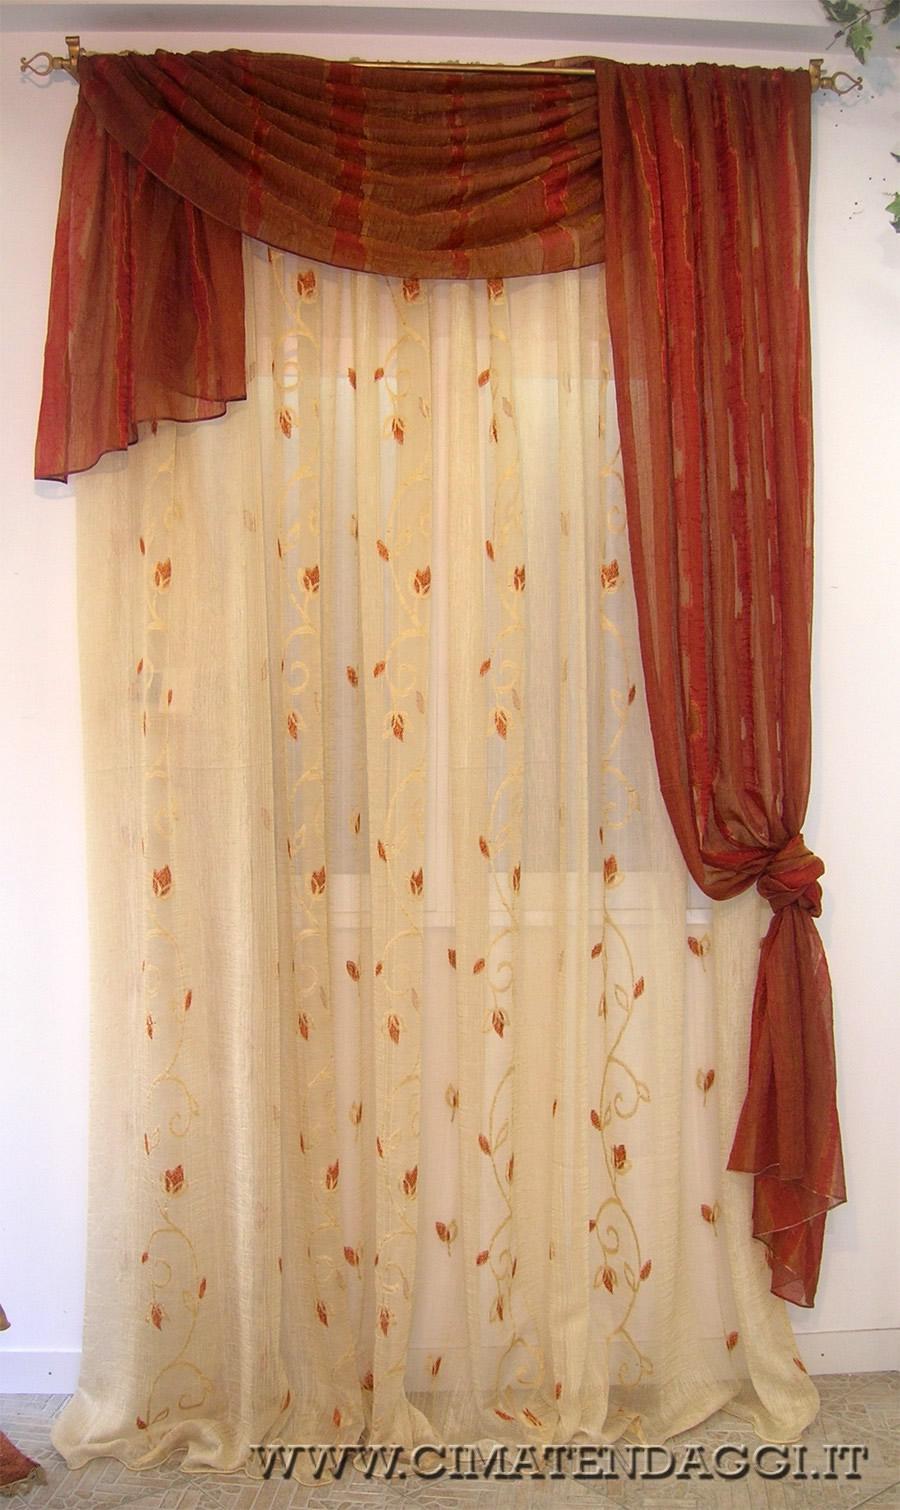 Immagini mantovane per tende idee per la casa for Tende classiche con mantovana